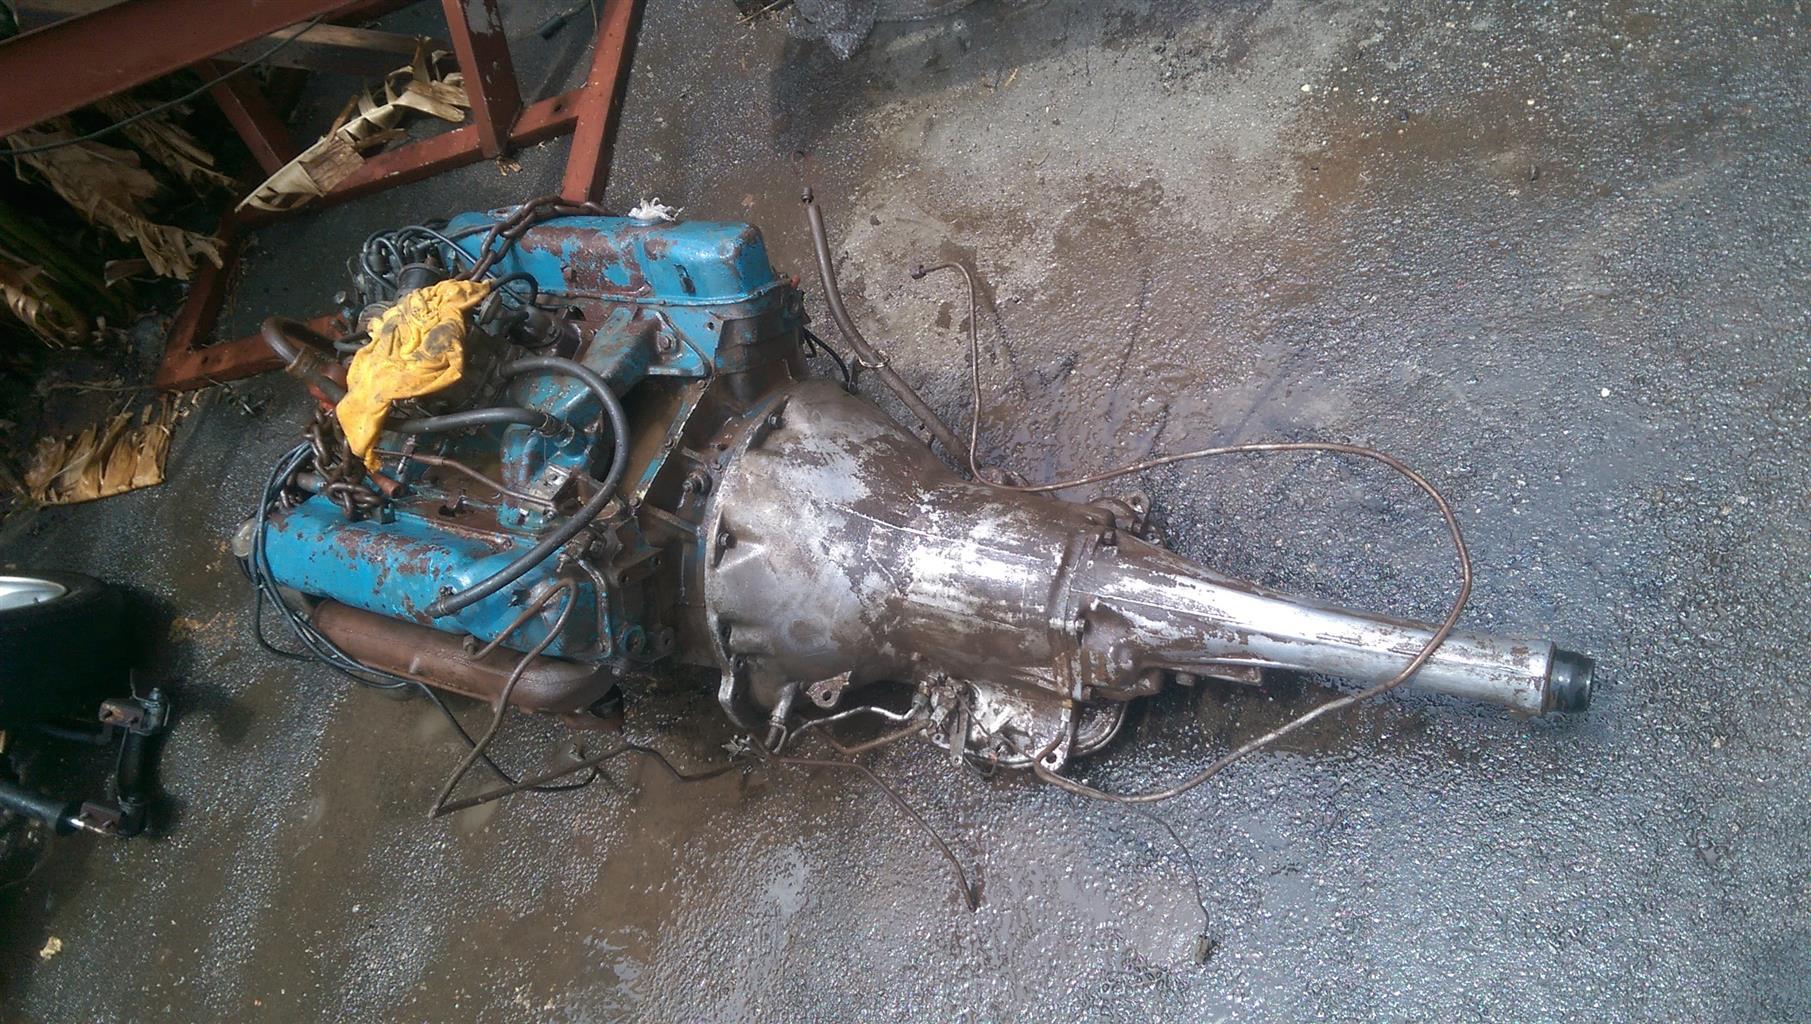 Chrysler 383 V8 Engine